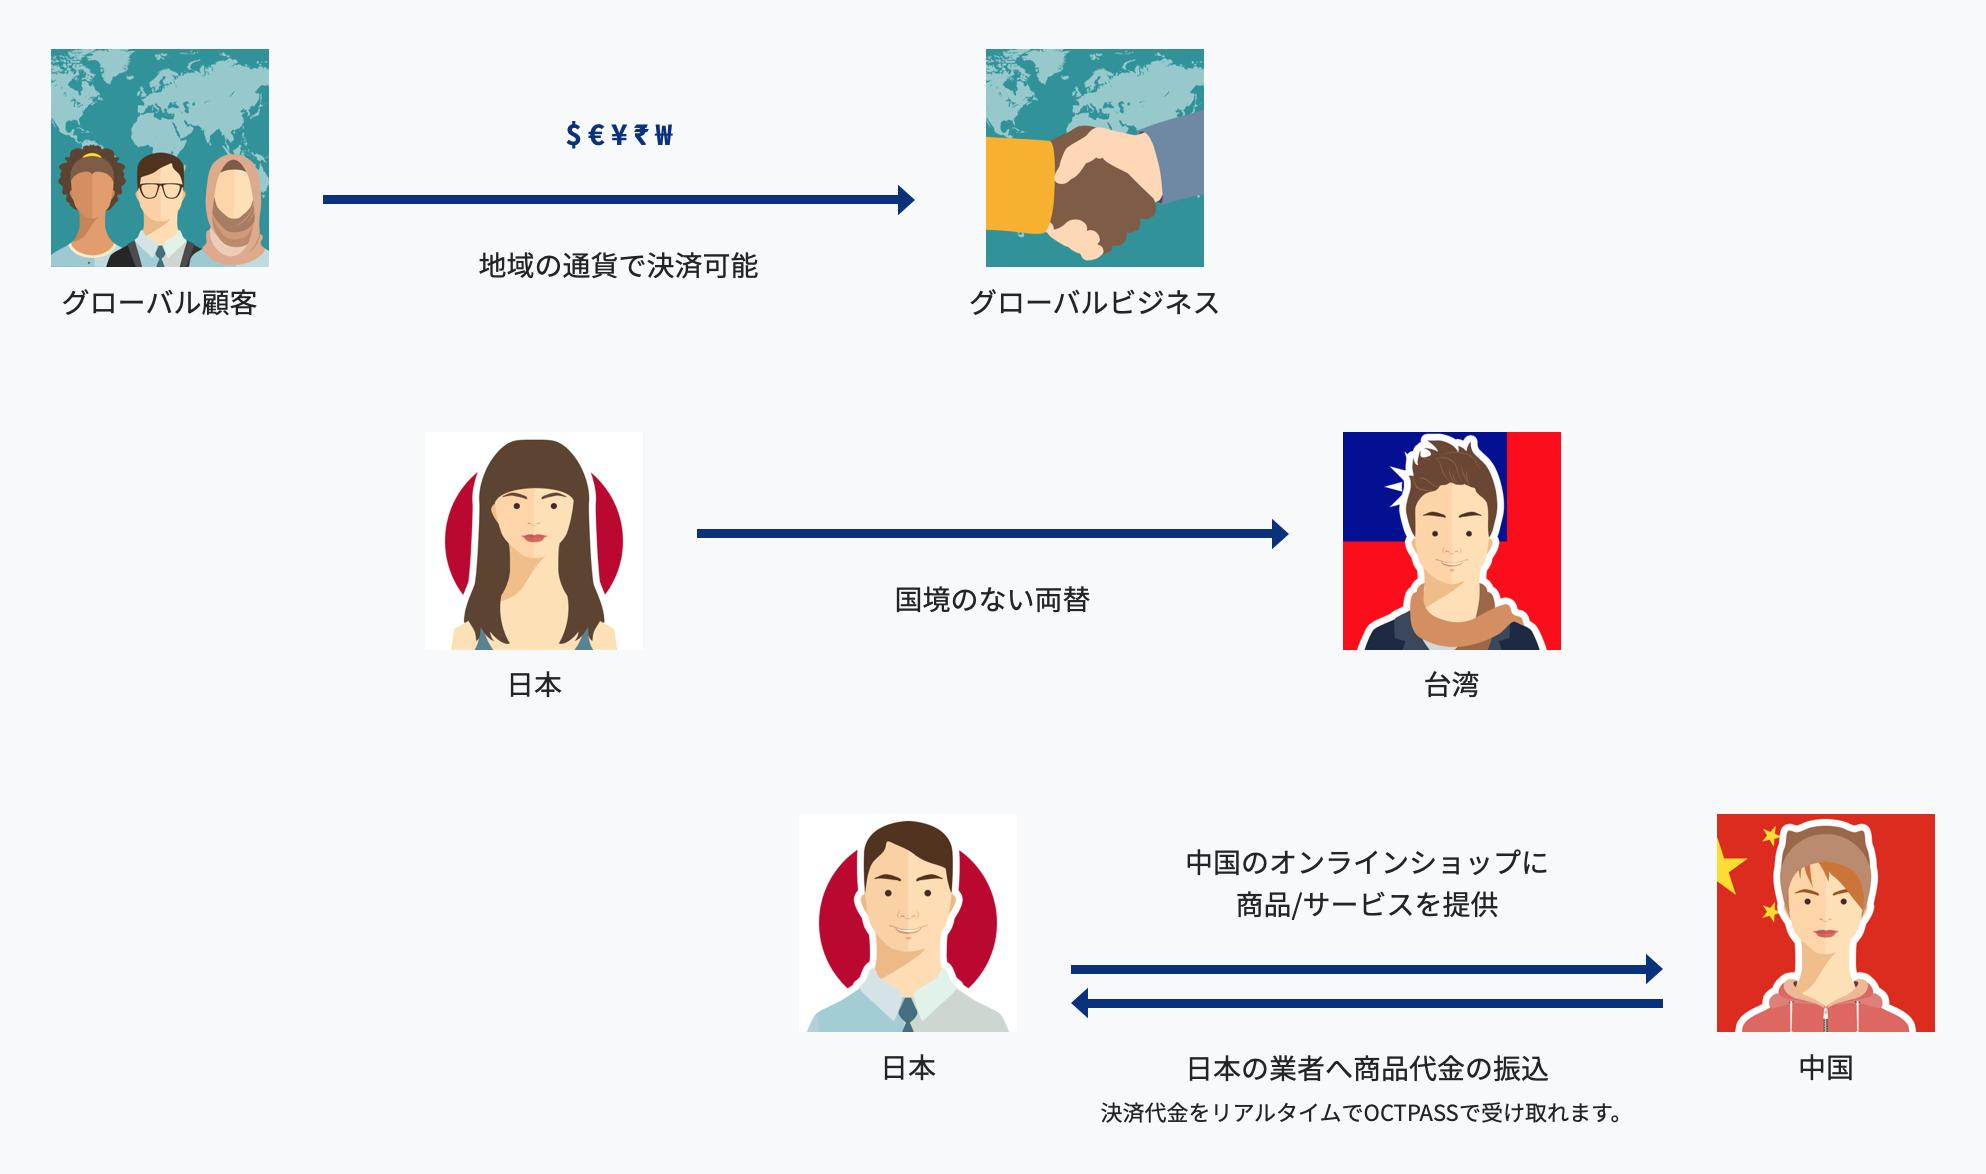 グローバル顧客に対し、地域の通貨や仮想通貨(暗号資産)で決済可能 グローバルビジネスで日本を含めた国境のない両替が可能に。 台湾や日本、中国のオンラインショップに商品/サービスを提供 日本の業者へ商品代金の振込決済代金をリアルタイムでOCTPASSで受け取れます。